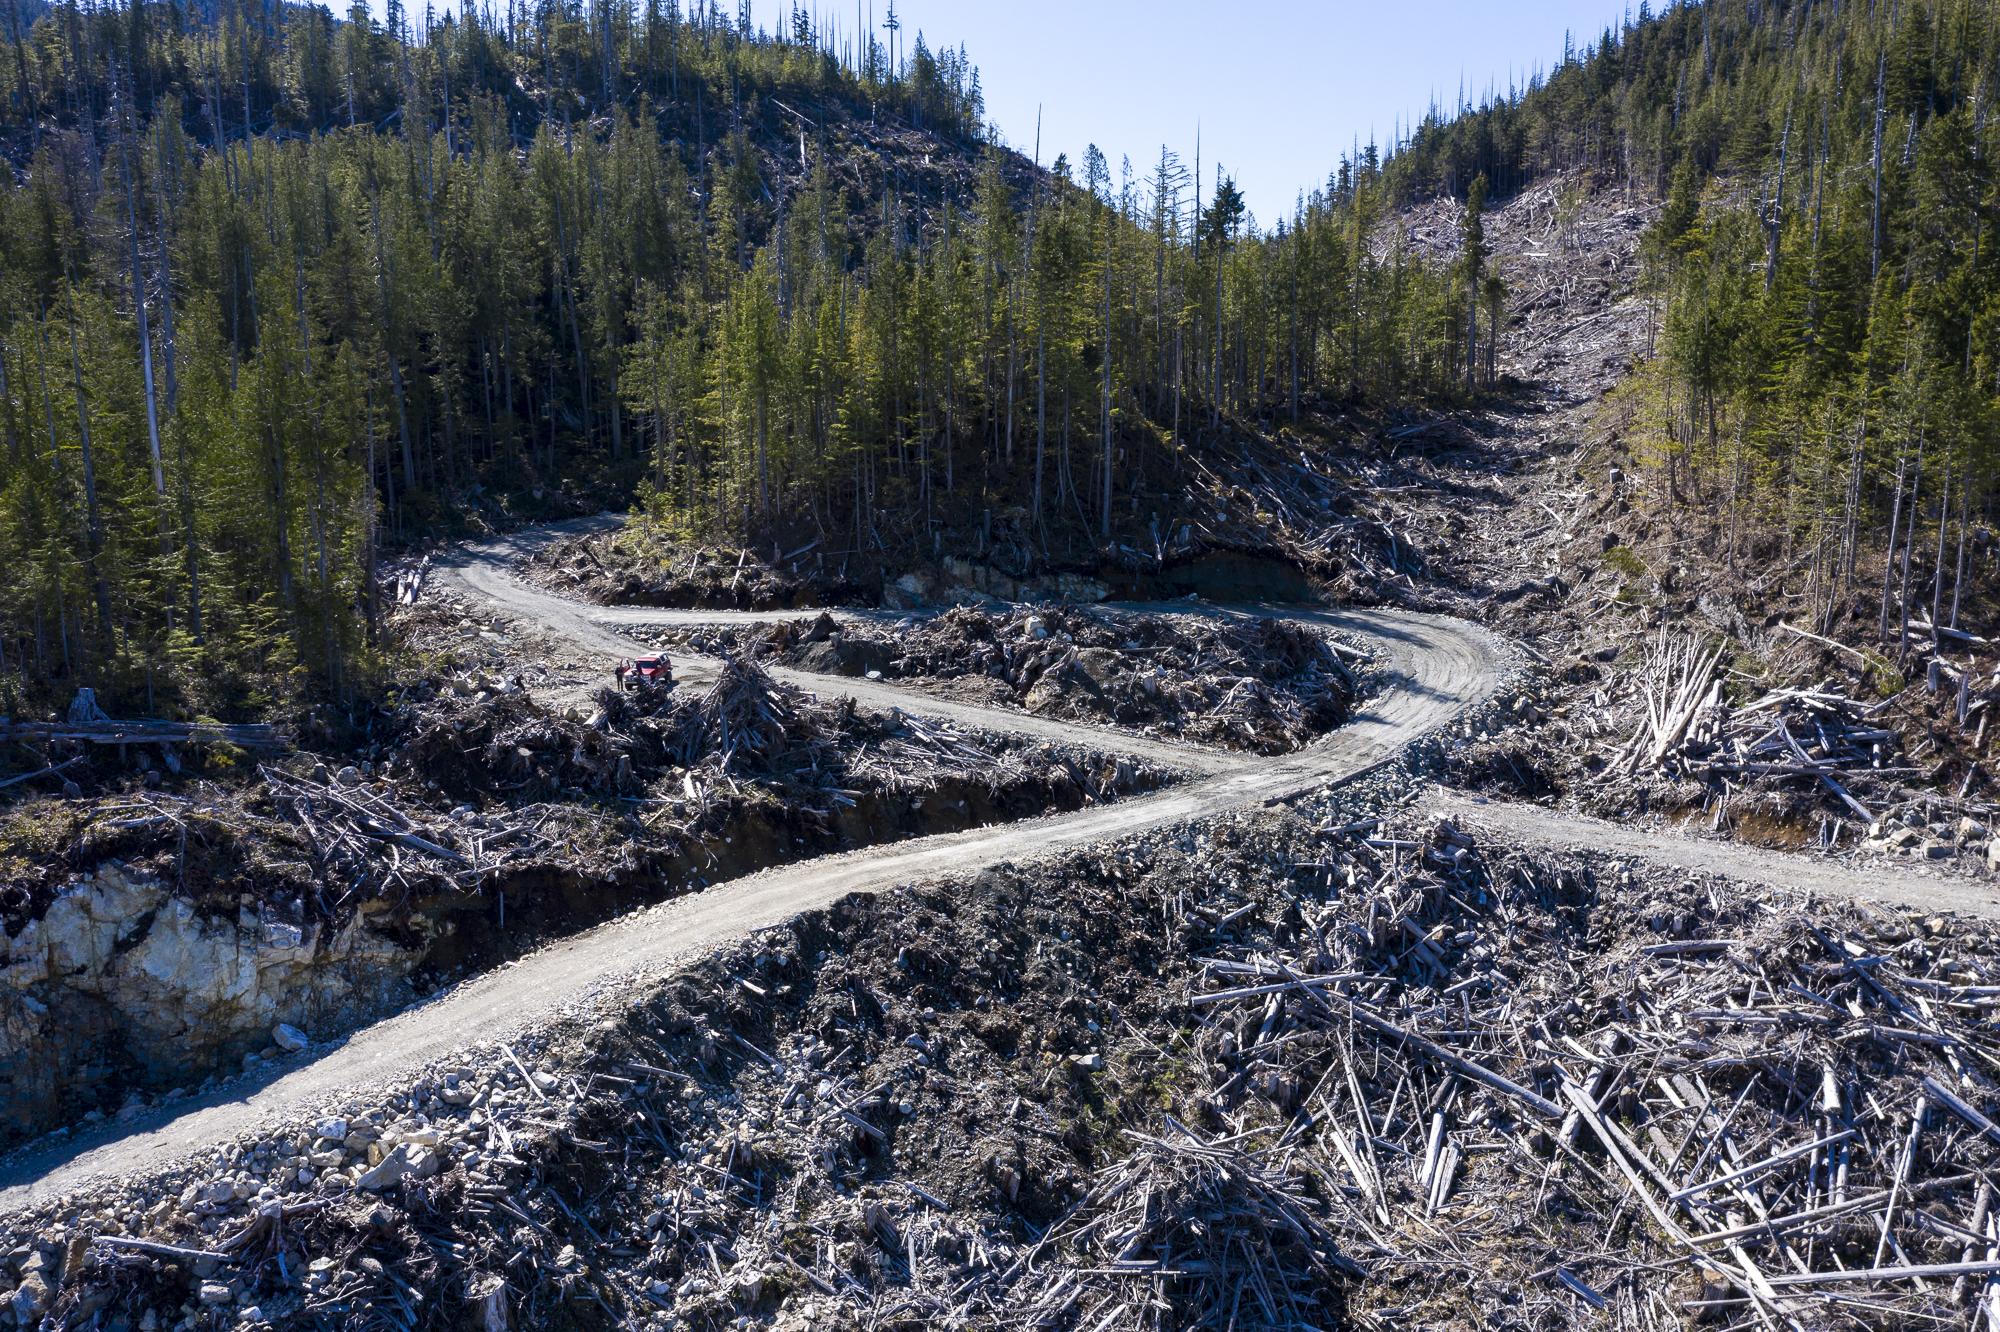 Gilford Island forestry roads